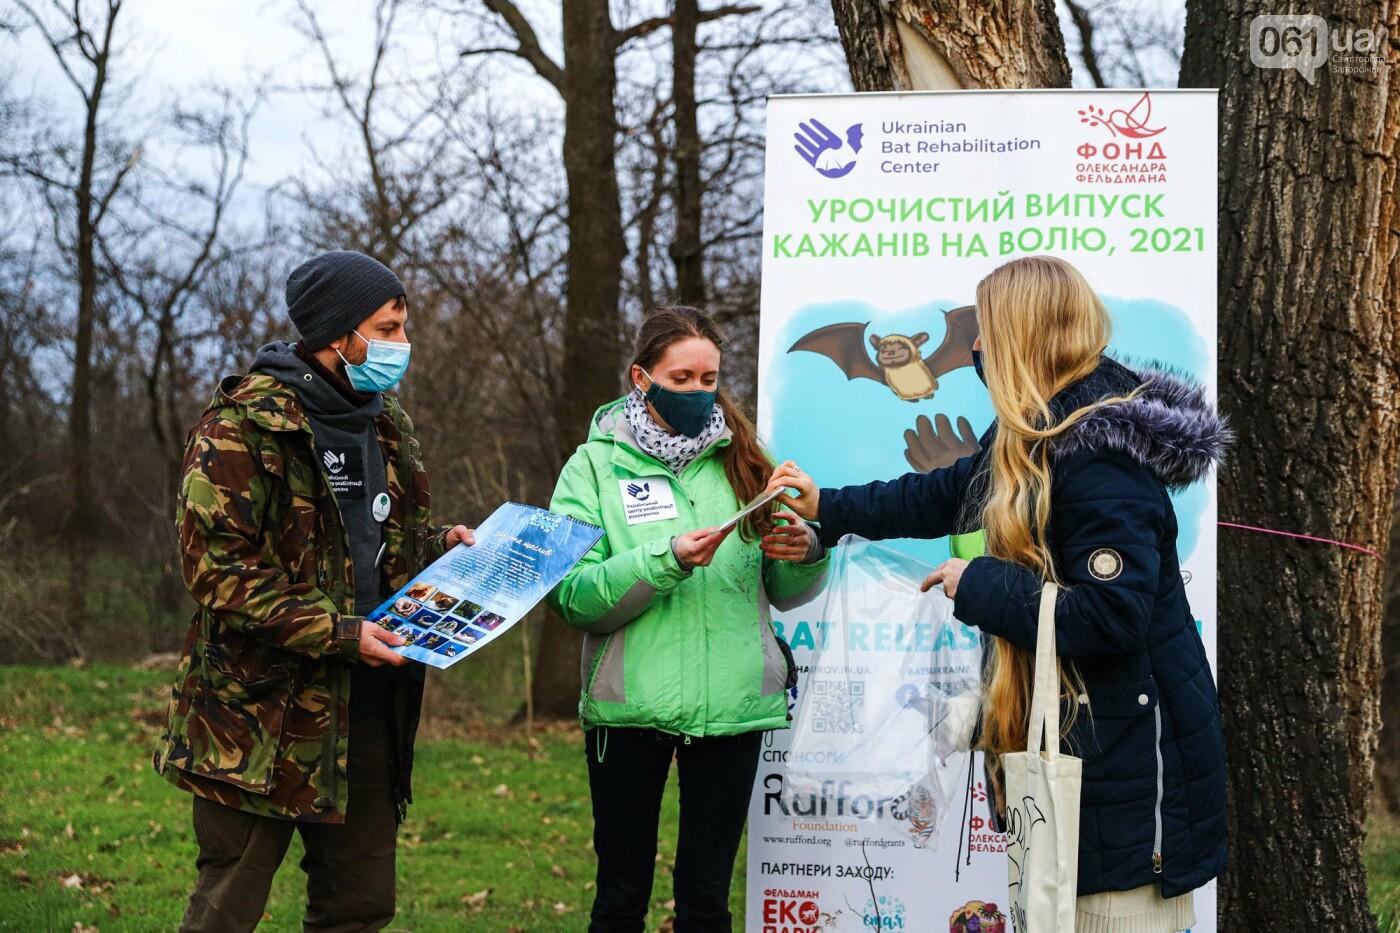 На Хортице выпустили более 700 летучих мышей, спасенных волонтерами, - ФОТОРЕПОРТАЖ, фото-14